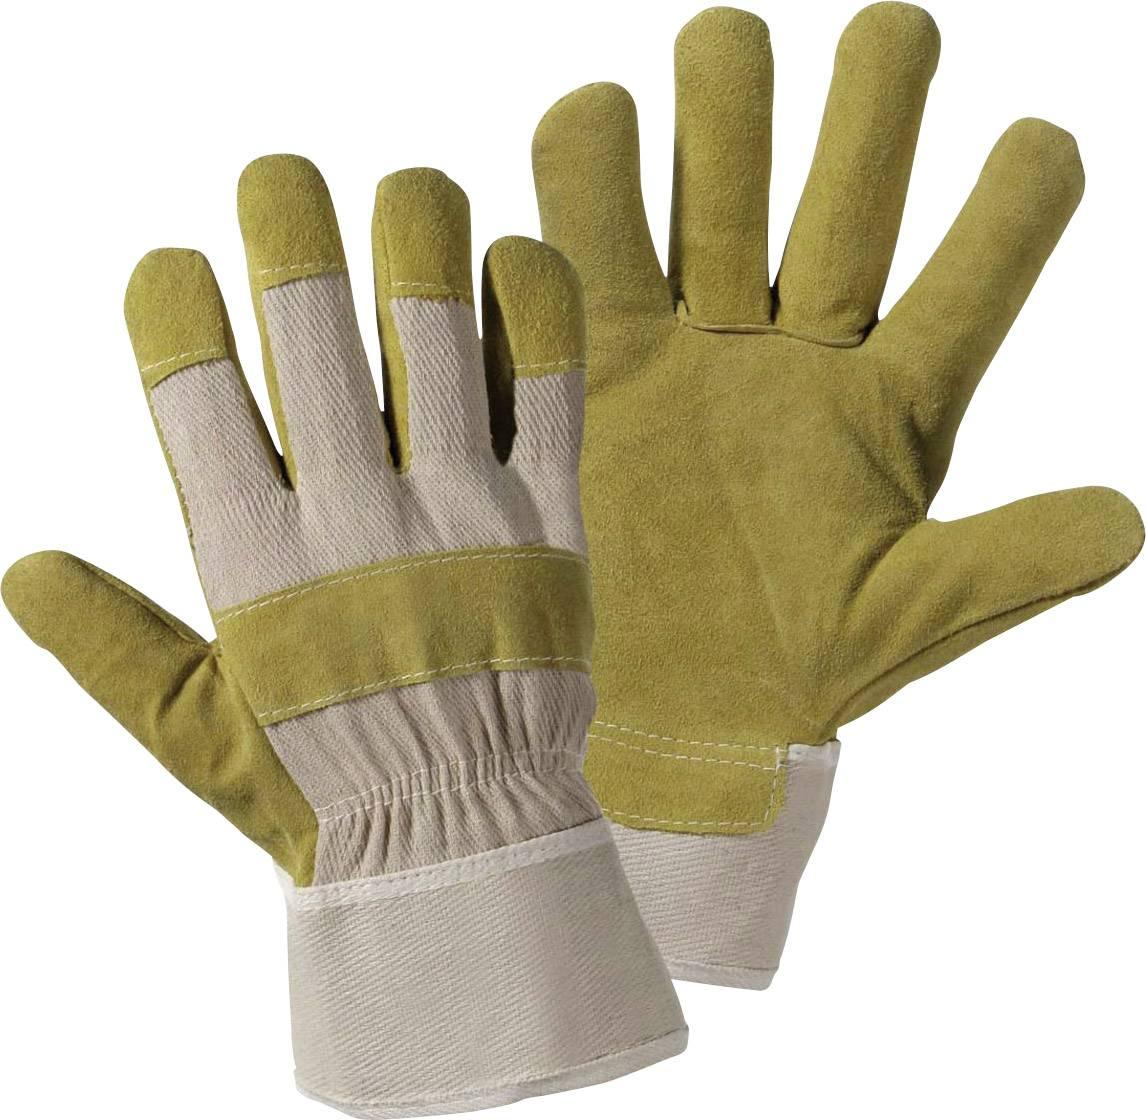 Pracovné rukavice Upixx 1521, velikost rukavic: 10.5, XL